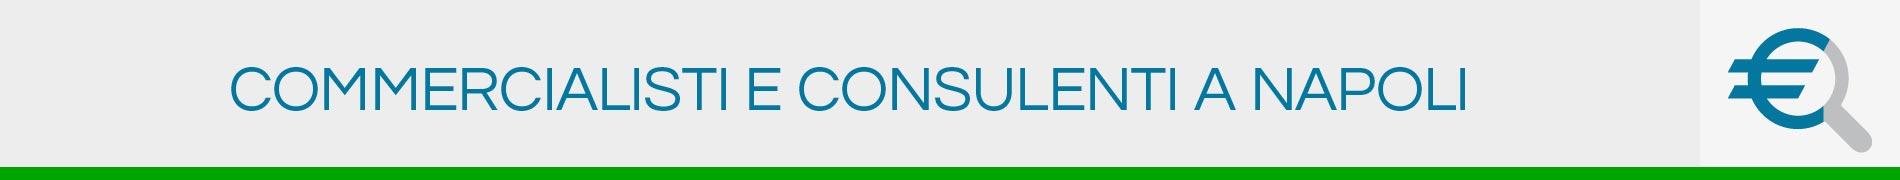 Commercialisti e Consulenti a Napoli